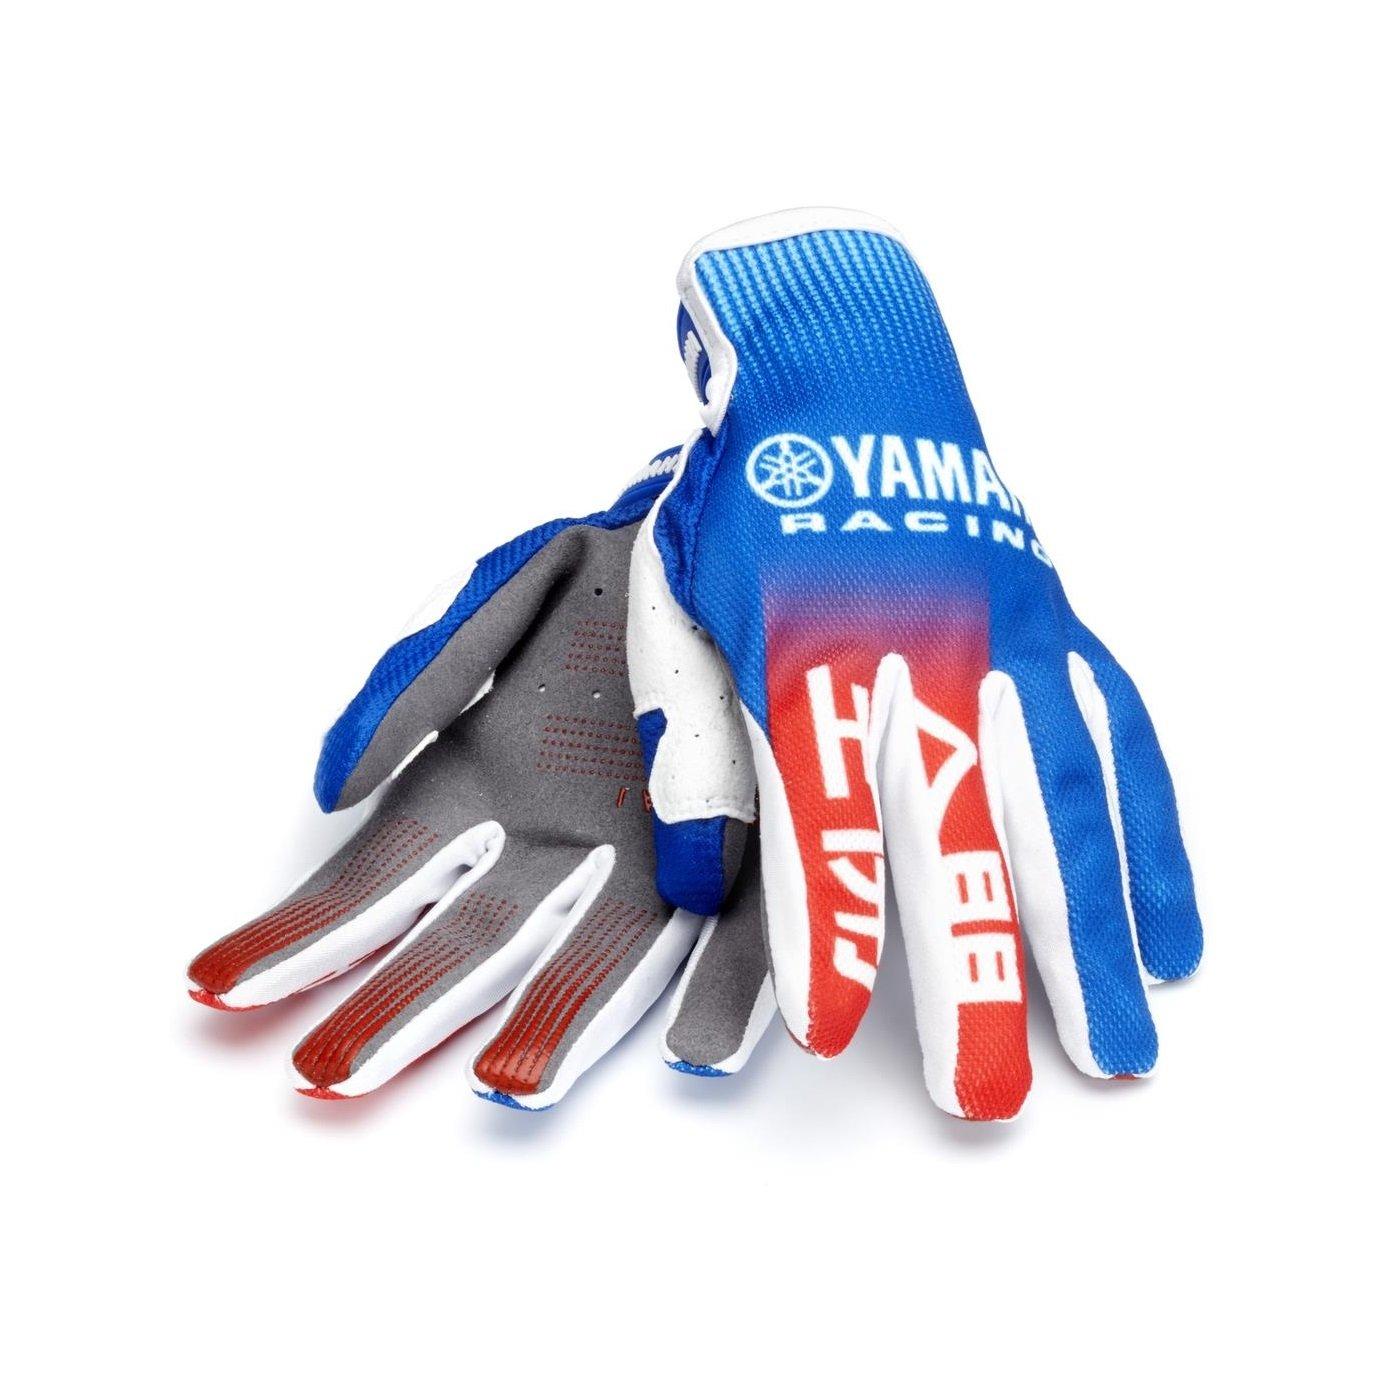 Yamaha Dětské rukavice MX Zenkai Riding modrá 9-10 let